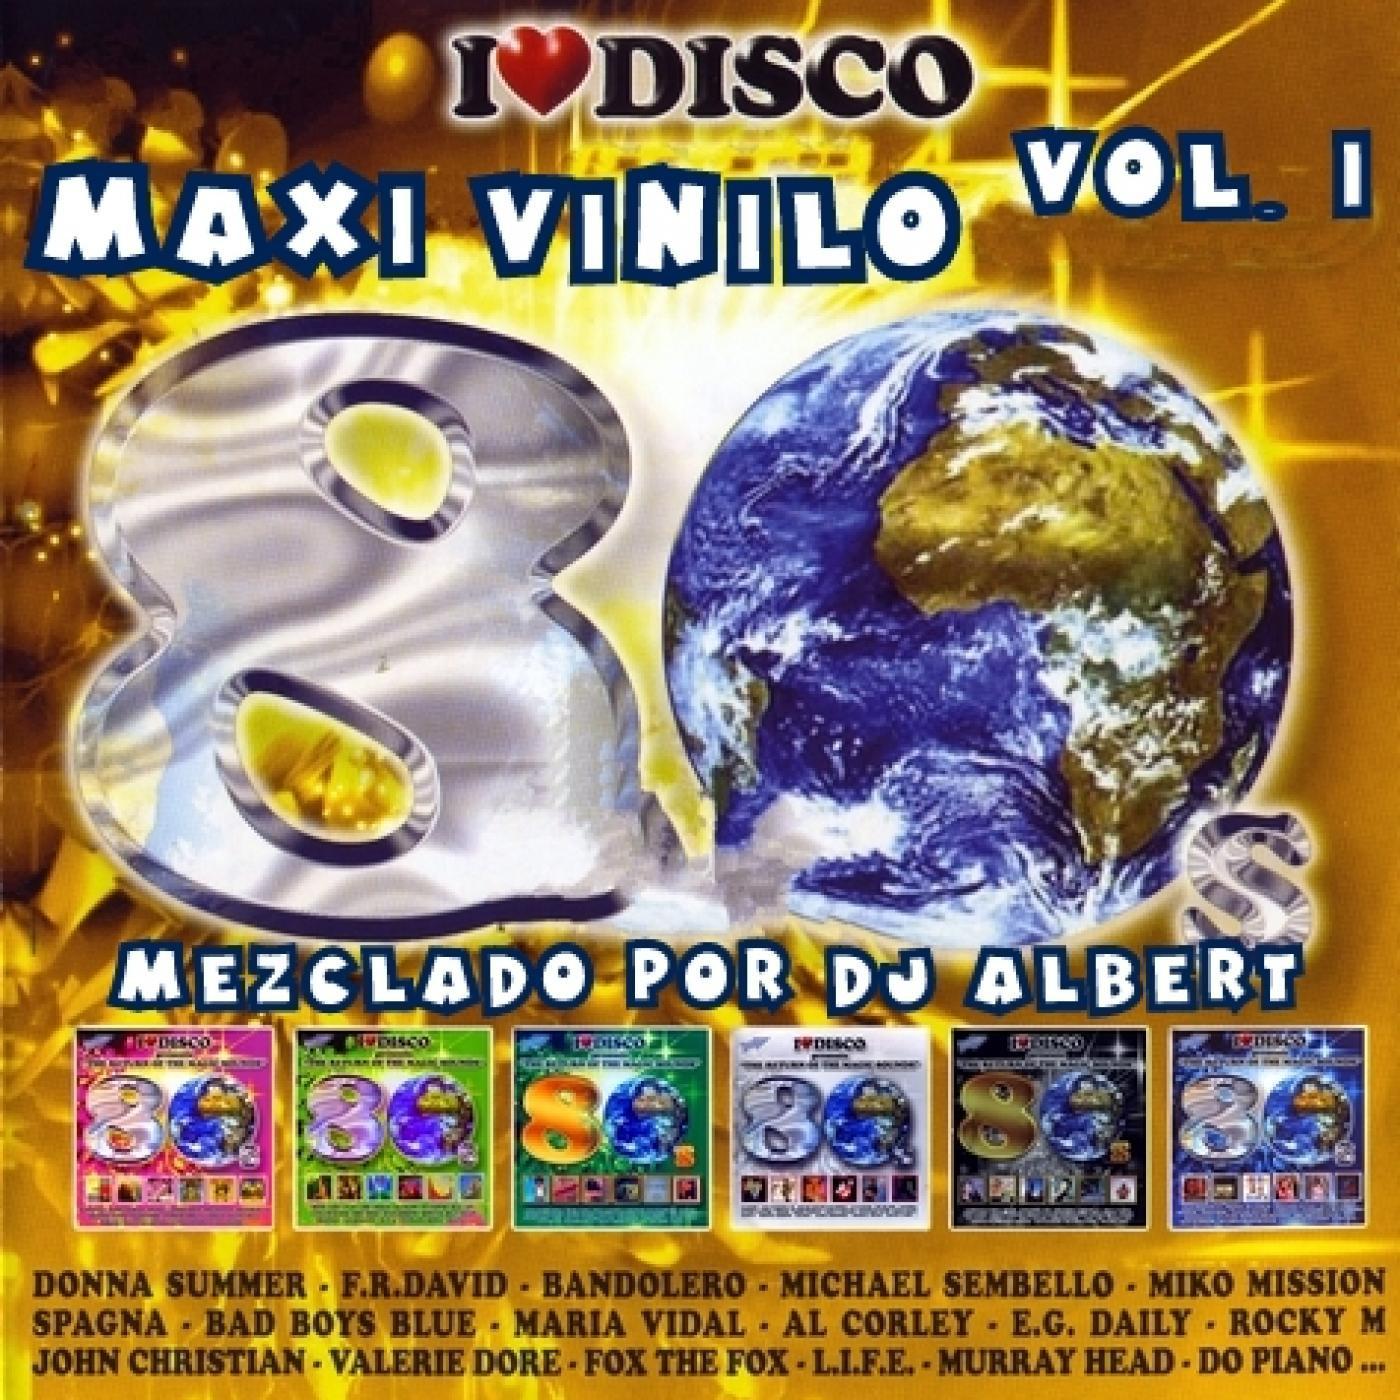 I LOVE DISCO MAXI VINILO (80 Mix) VOL. 1 Mezclado por DJ Albert